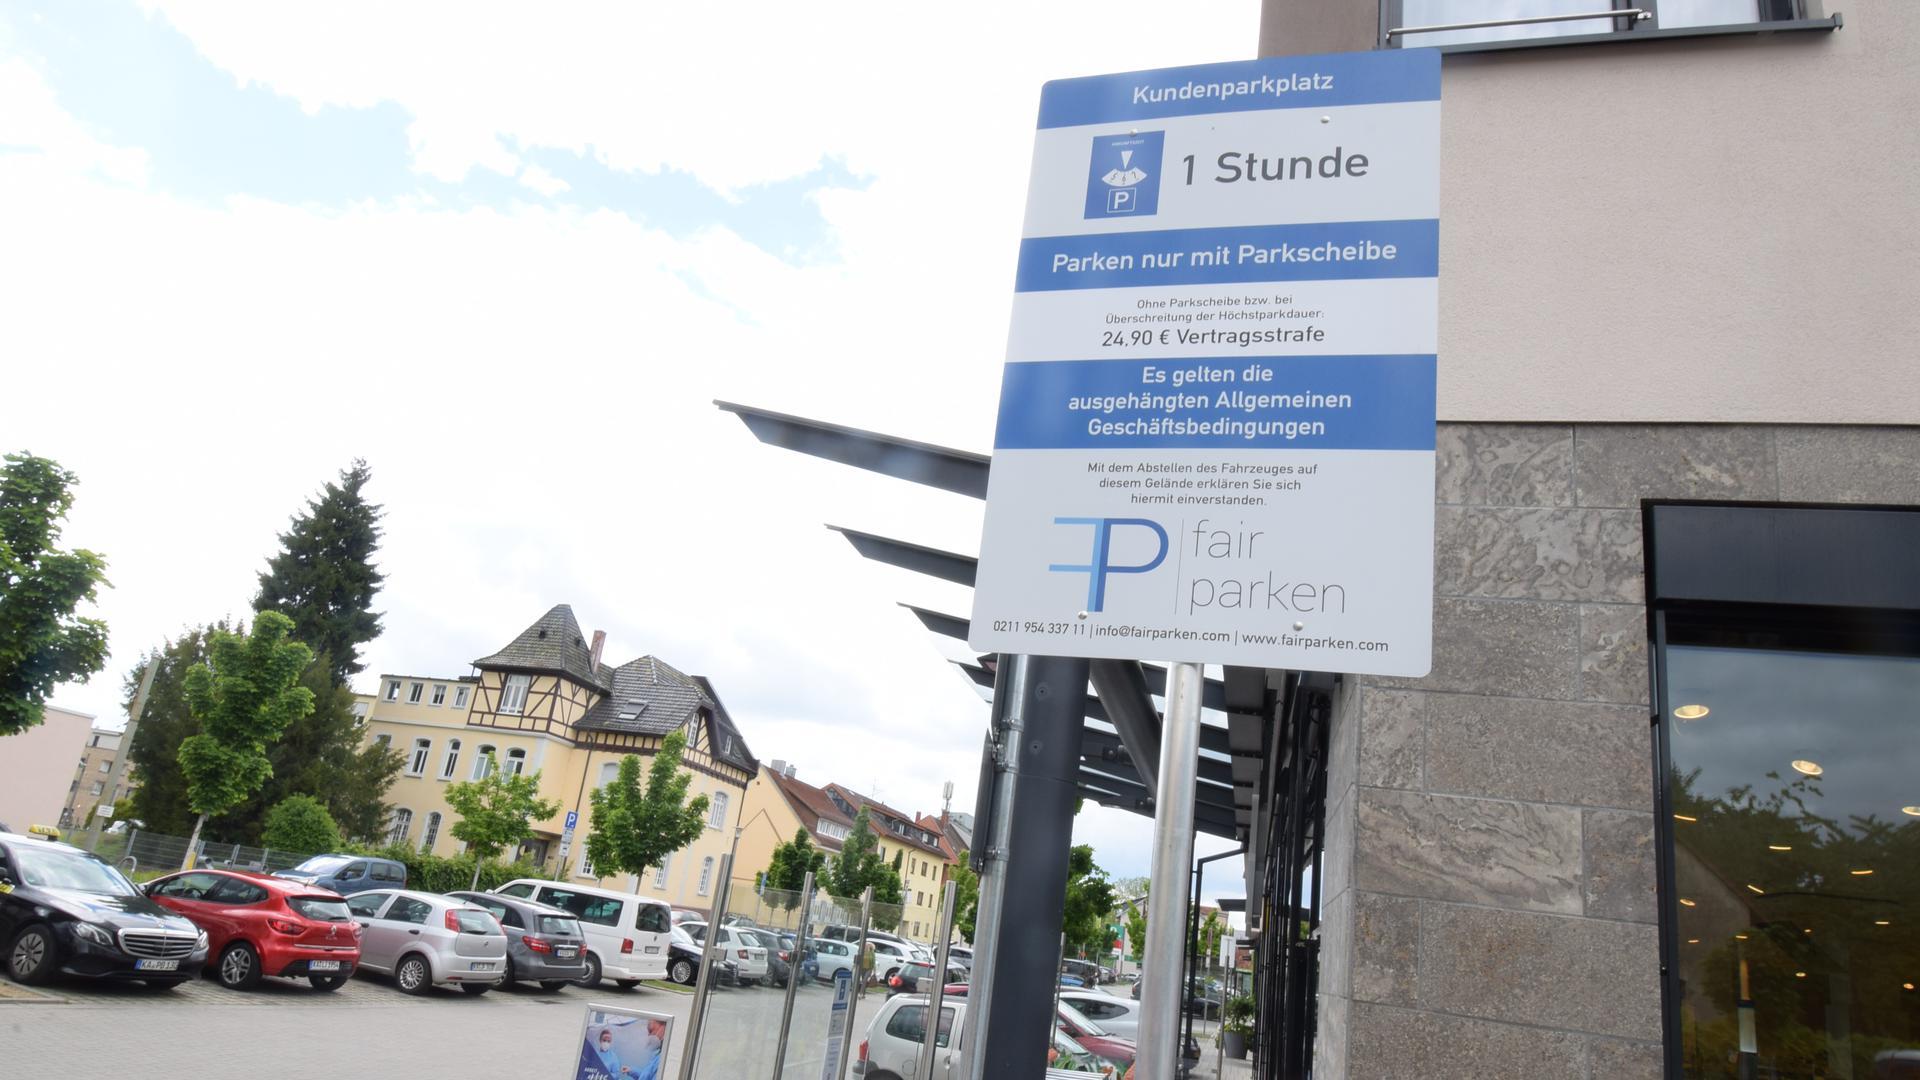 Ohne Parkscheibe 25 Euro Strafe: Firma kontrolliert vor